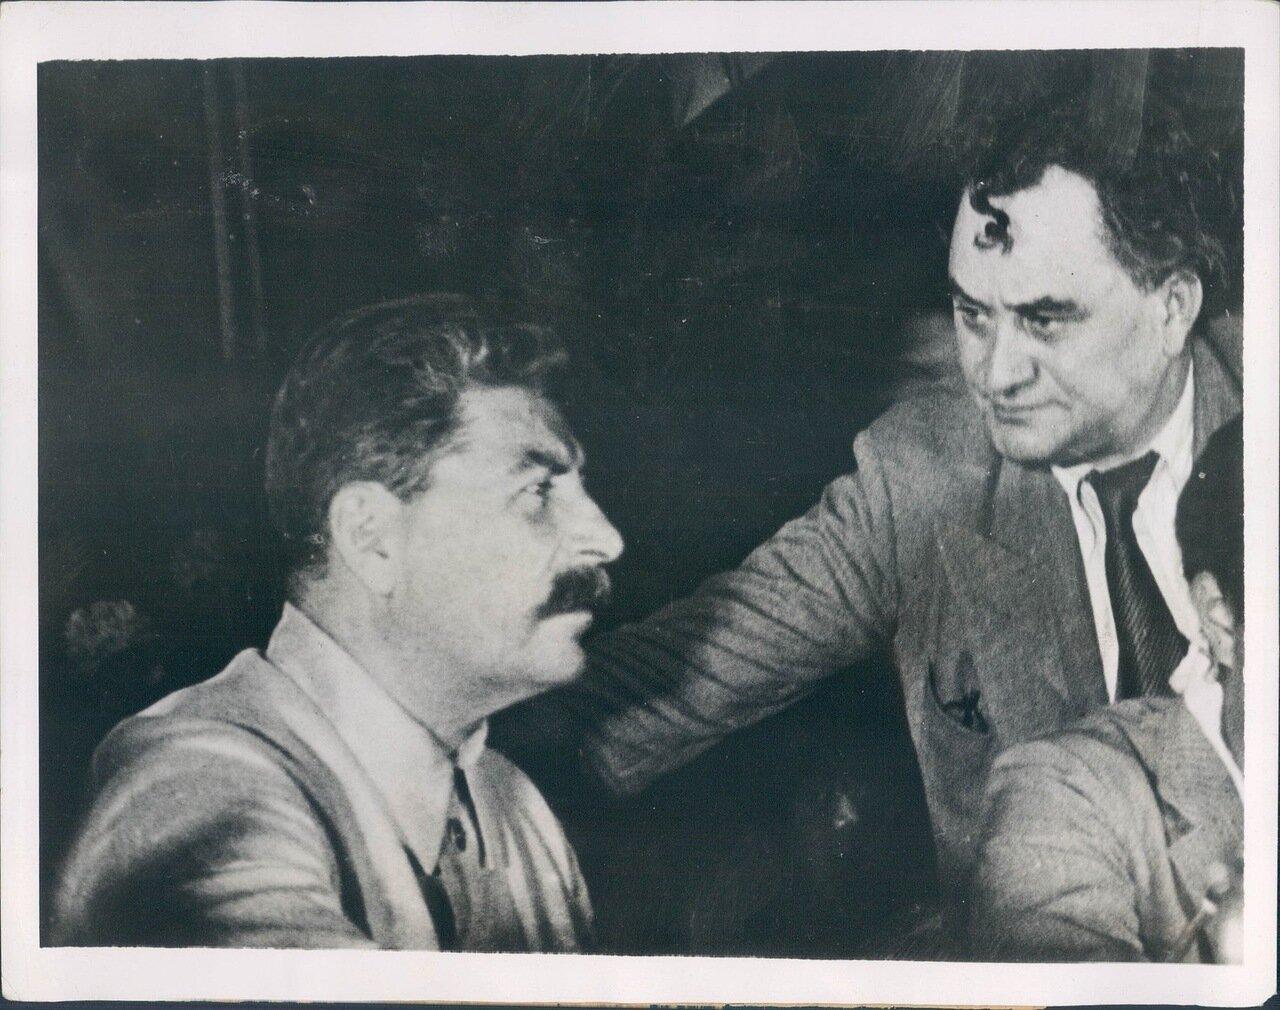 1935. Советский лидер Иосиф Сталин с министром иностранных дел Литвиновым